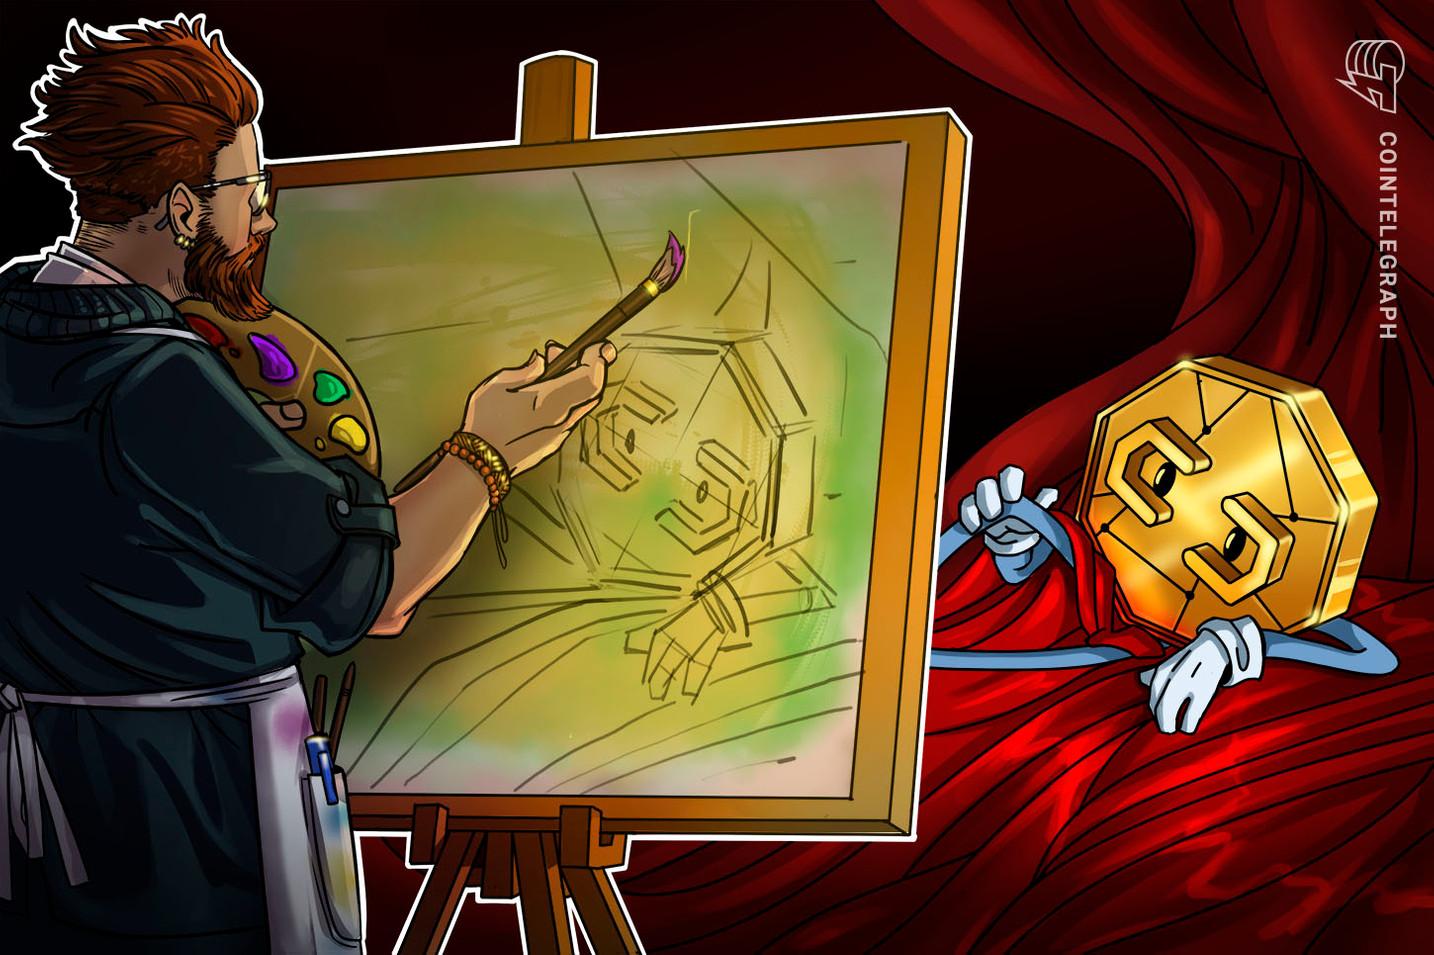 لوحة بارانوف روسين تُباع بالمزاد في صورة توكن غير قابل للإتلاف